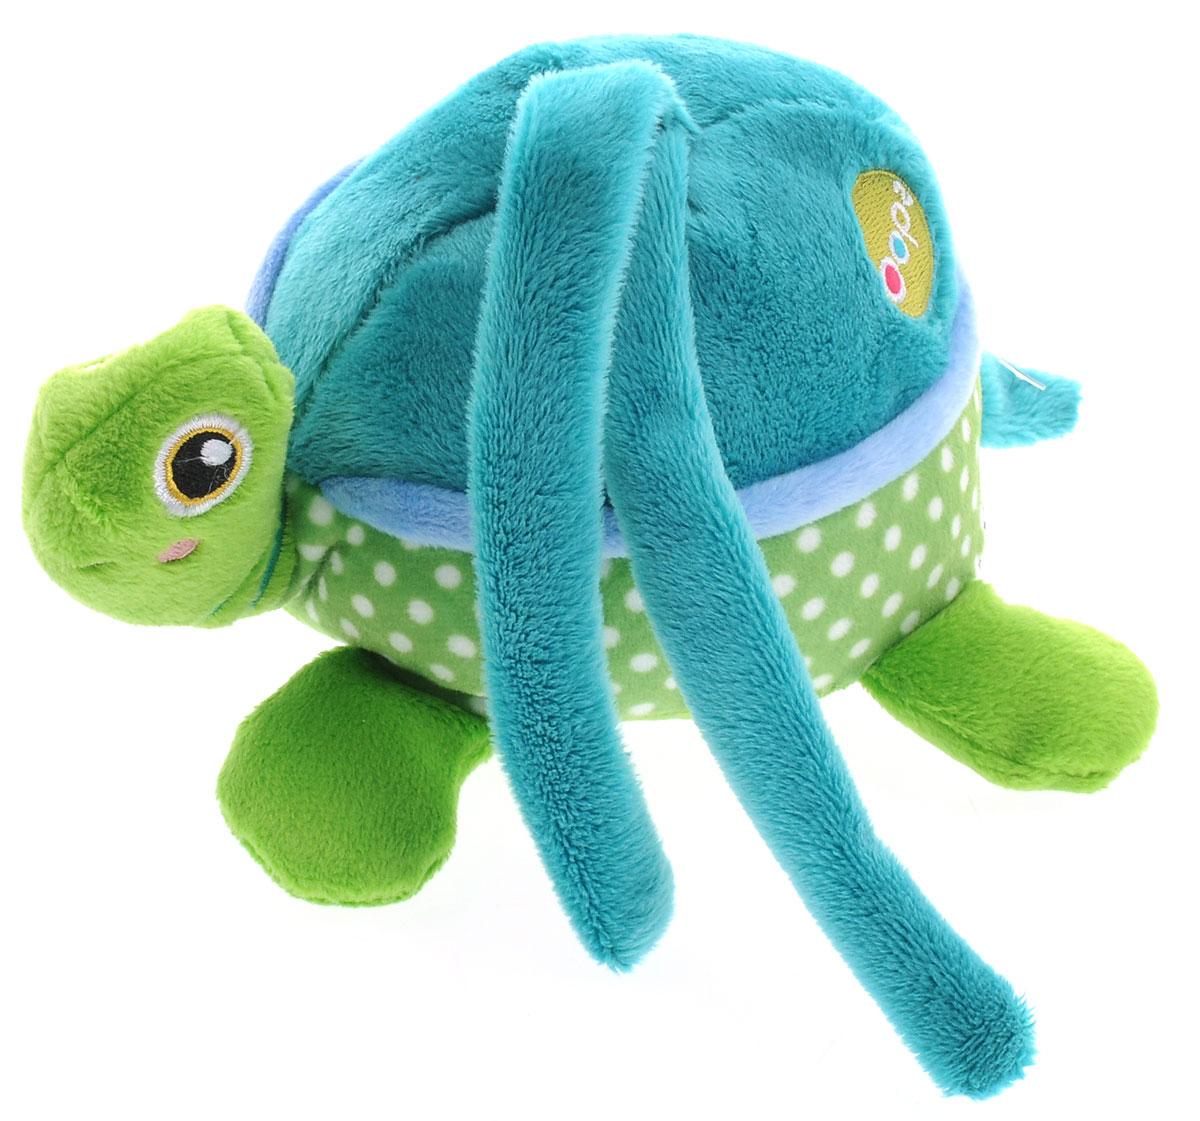 Oops Развивающая музыкальная игрушка-подвеска ЧерепахаO 12002.23Развивающая музыкальная игрушка-подвеска Oops Черепаха не оставит равнодушным ни одного малыша. Выполненная из качественных, приятных на ощупь материалов, игрушка доставит радость ребенку при игре с ней. Игрушка содержит внутри музыкальный механизм, который запускается при потягивании за пластиковое кольцо. При этом звучит красивая музыка. Забавная игрушка станет для малыша отличным компаньоном в играх и обязательно поднимет настроение.